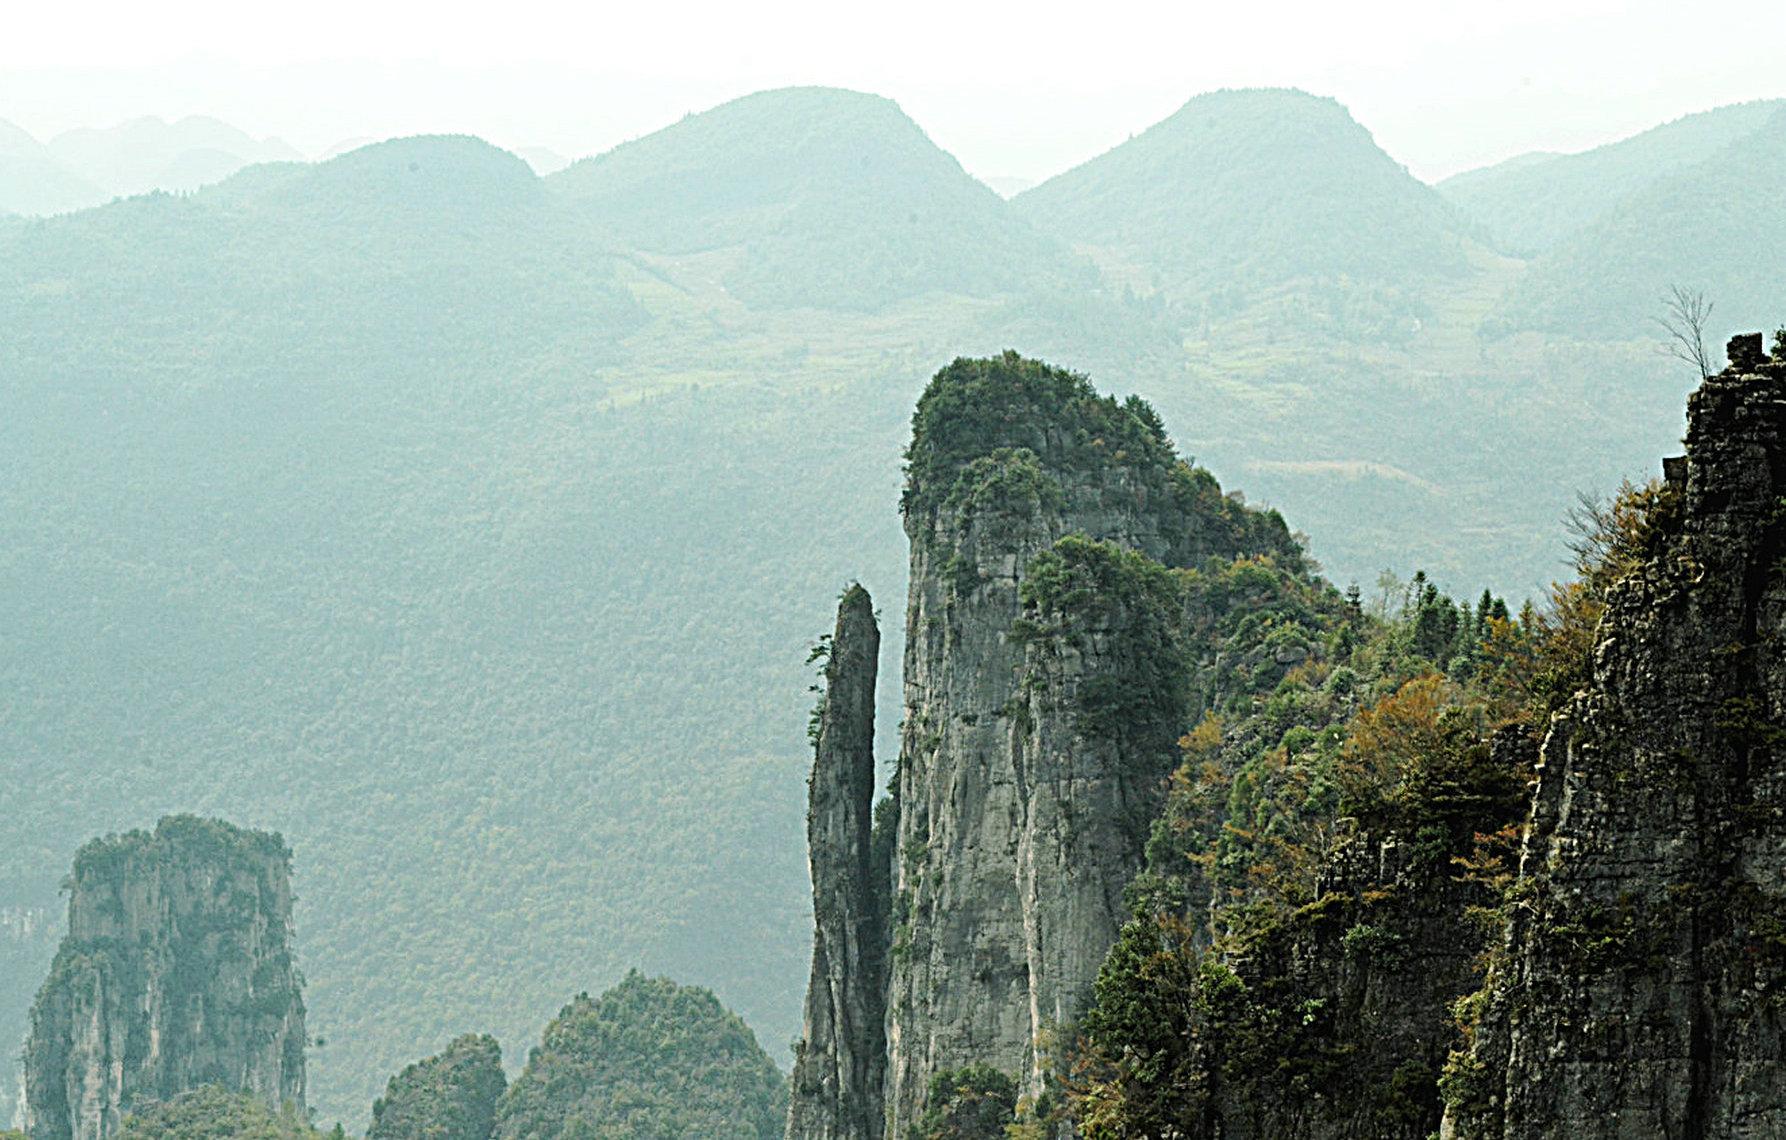 恩施峡谷奇观 - 达州摄影 - 凤凰山下 - www.dz19.net